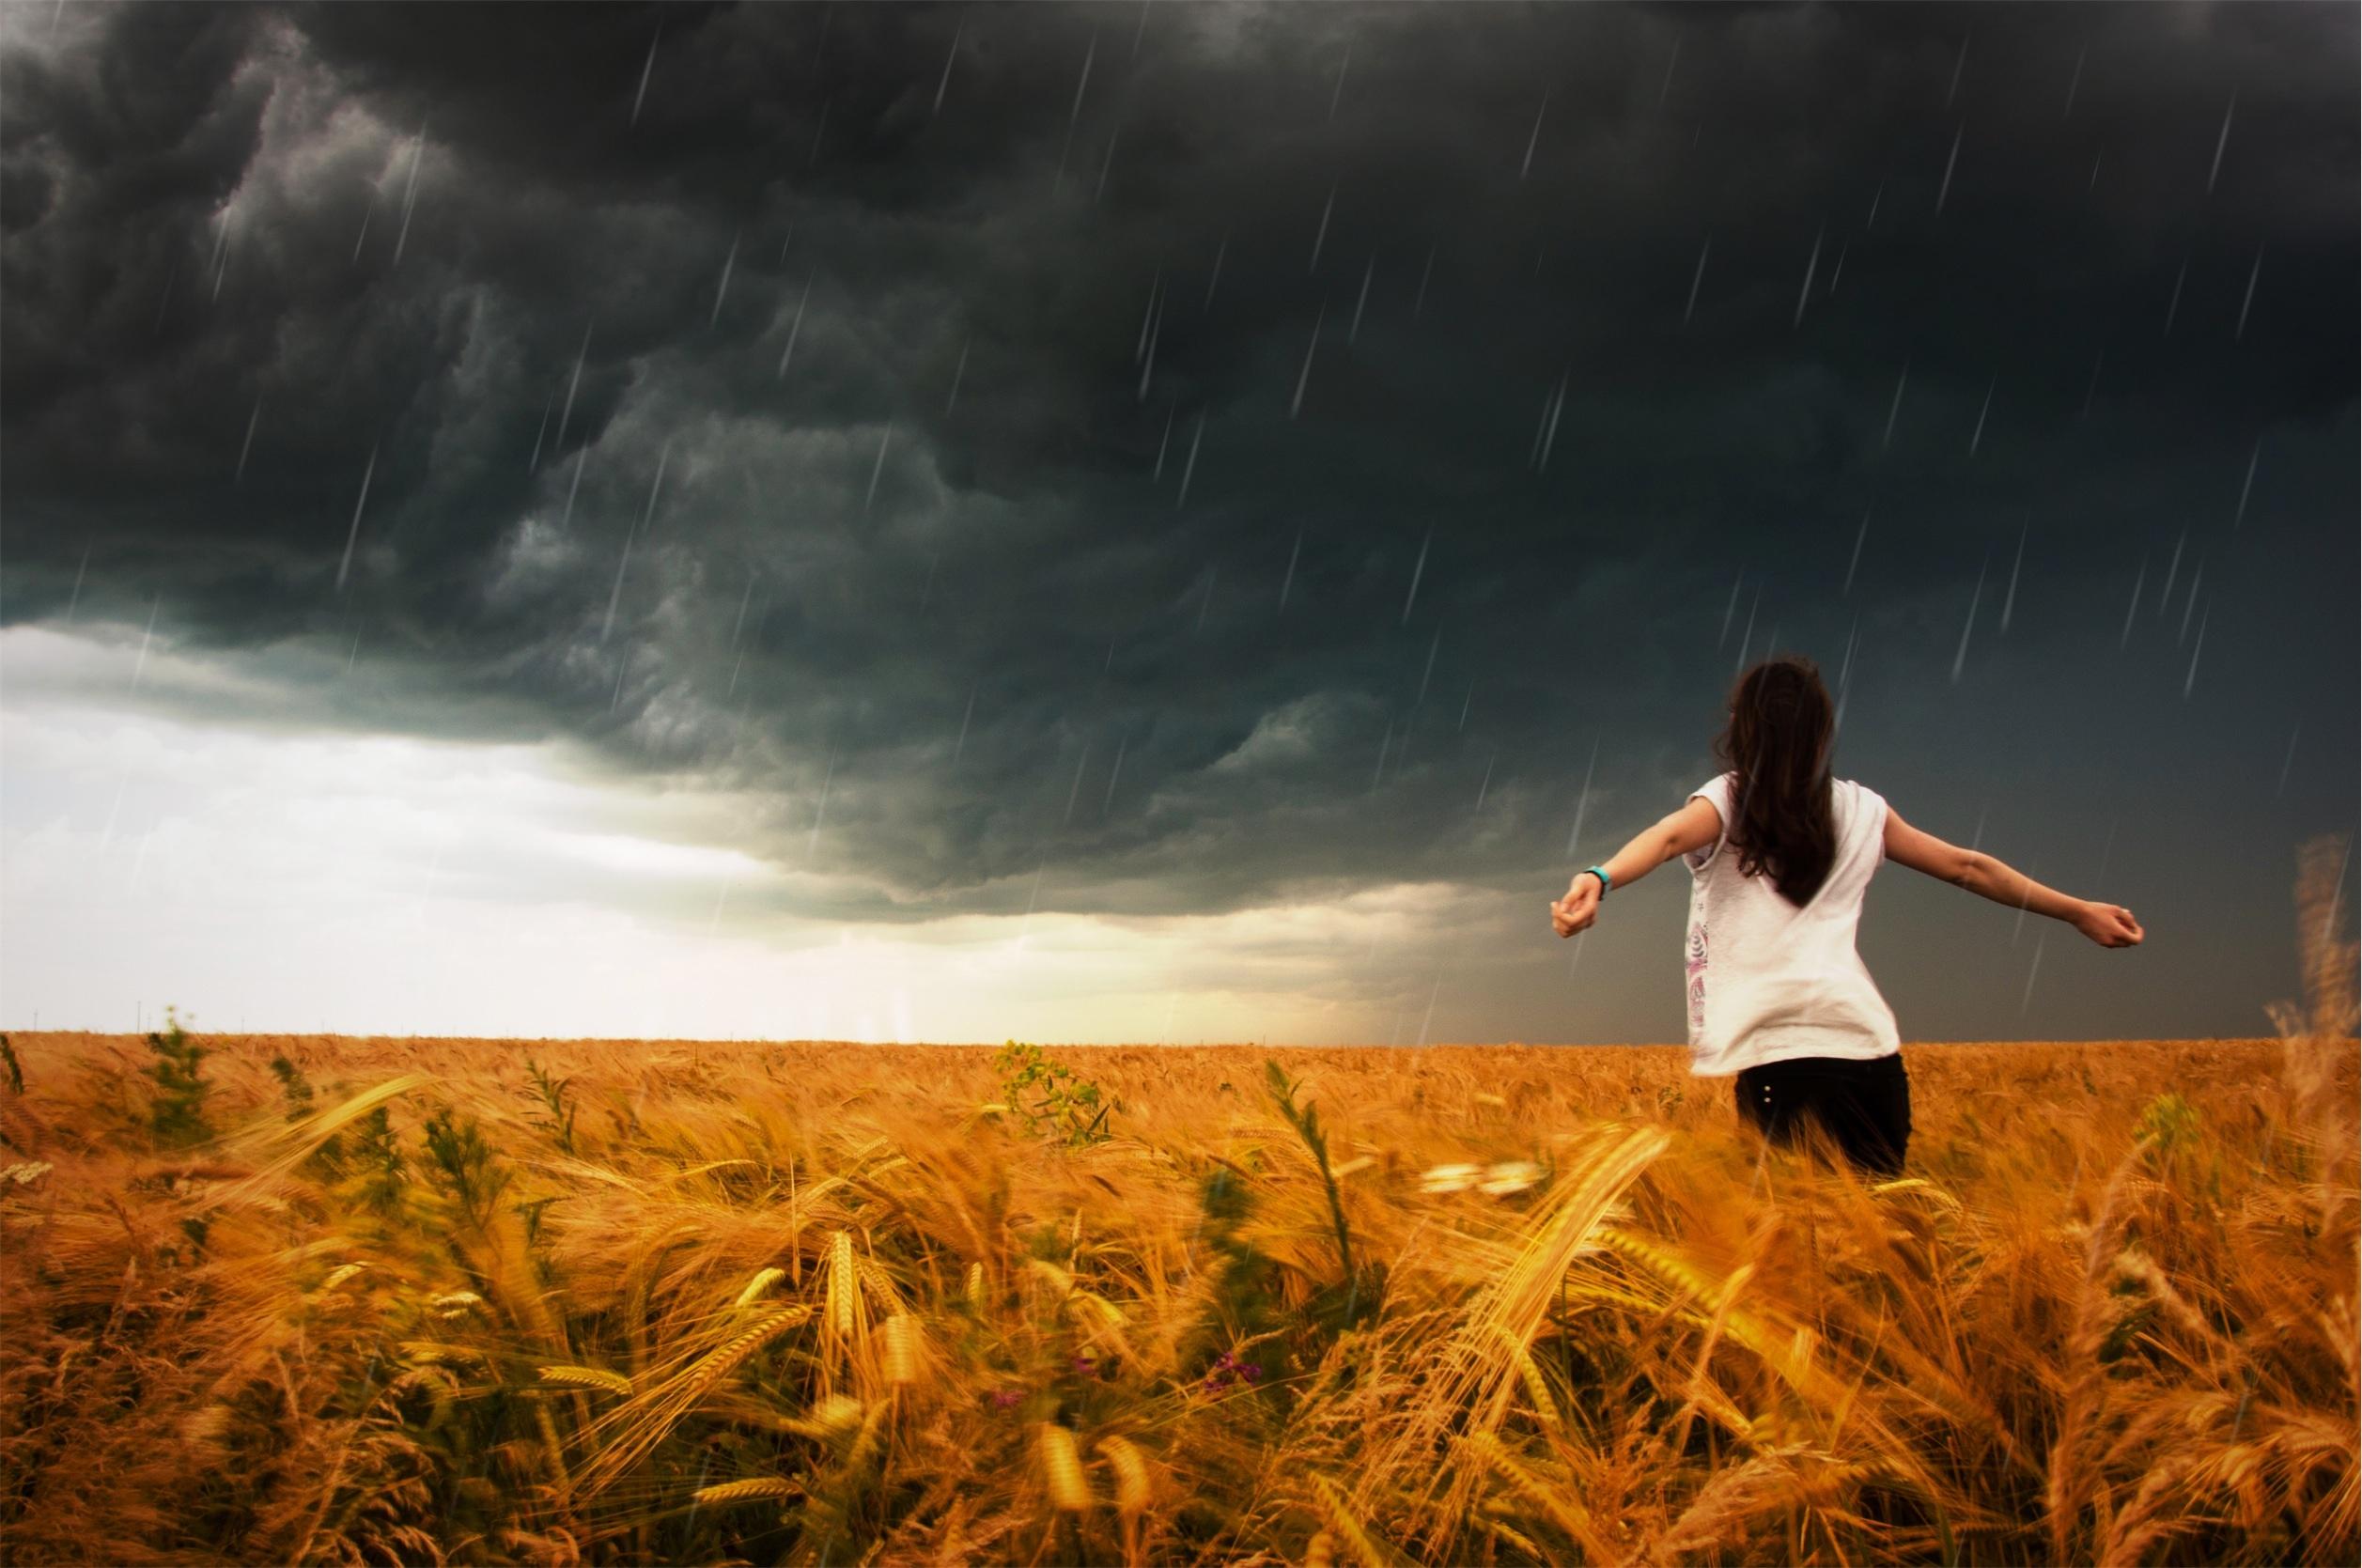 пел неволе, дождь свобода картинки рабочую среду многие